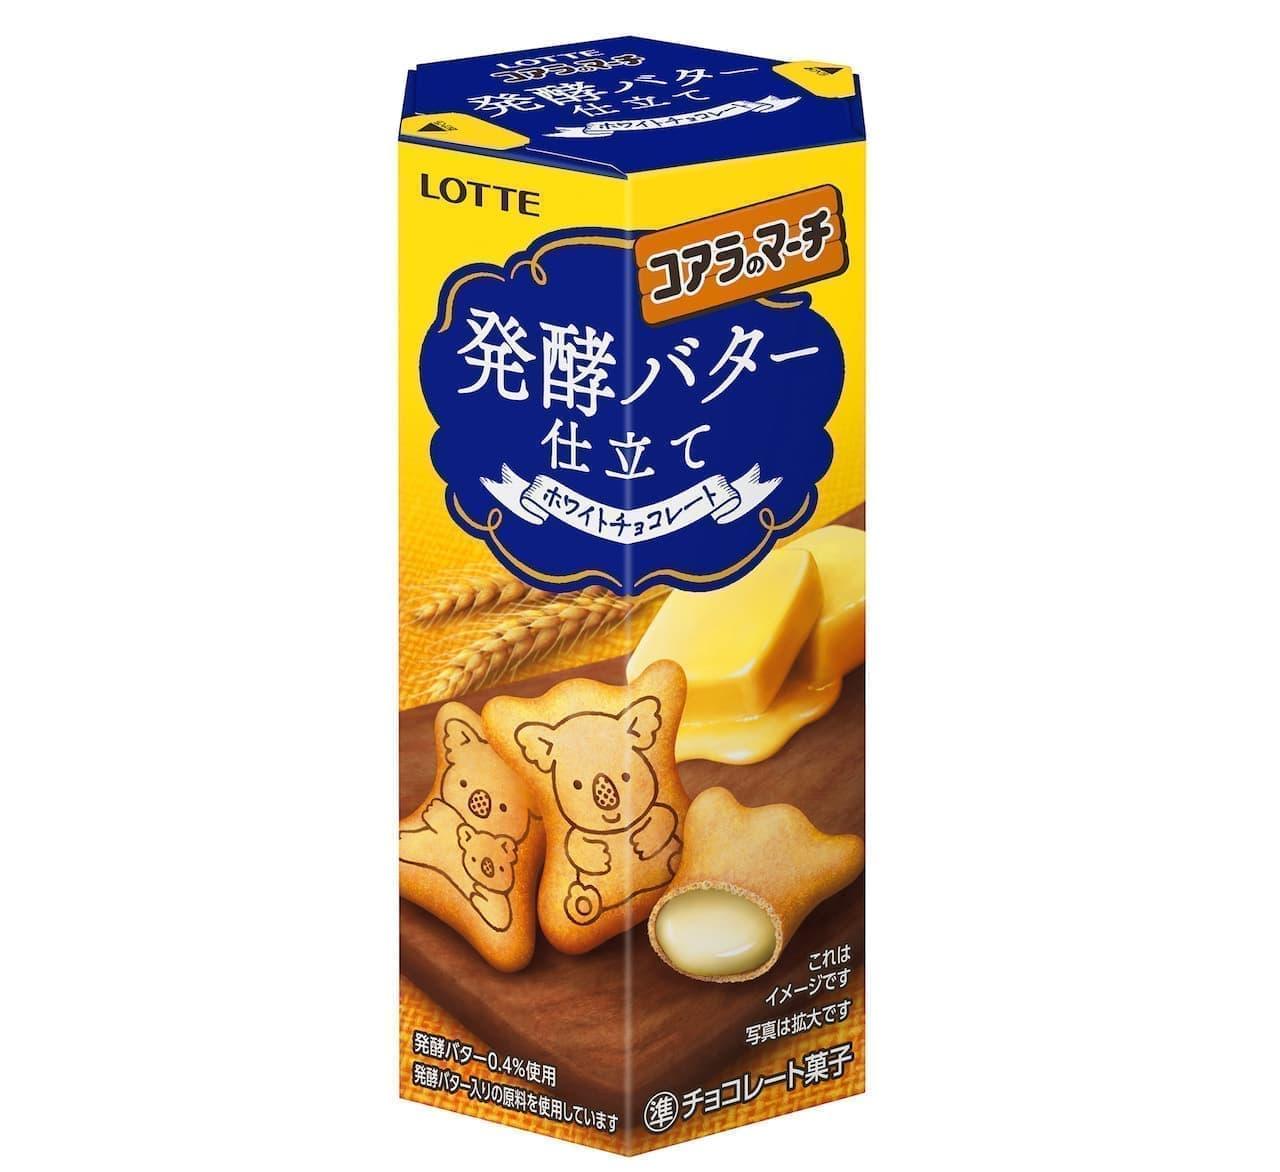 発酵バターが香り立つ「コアラのマーチ<発酵バター仕立て>」